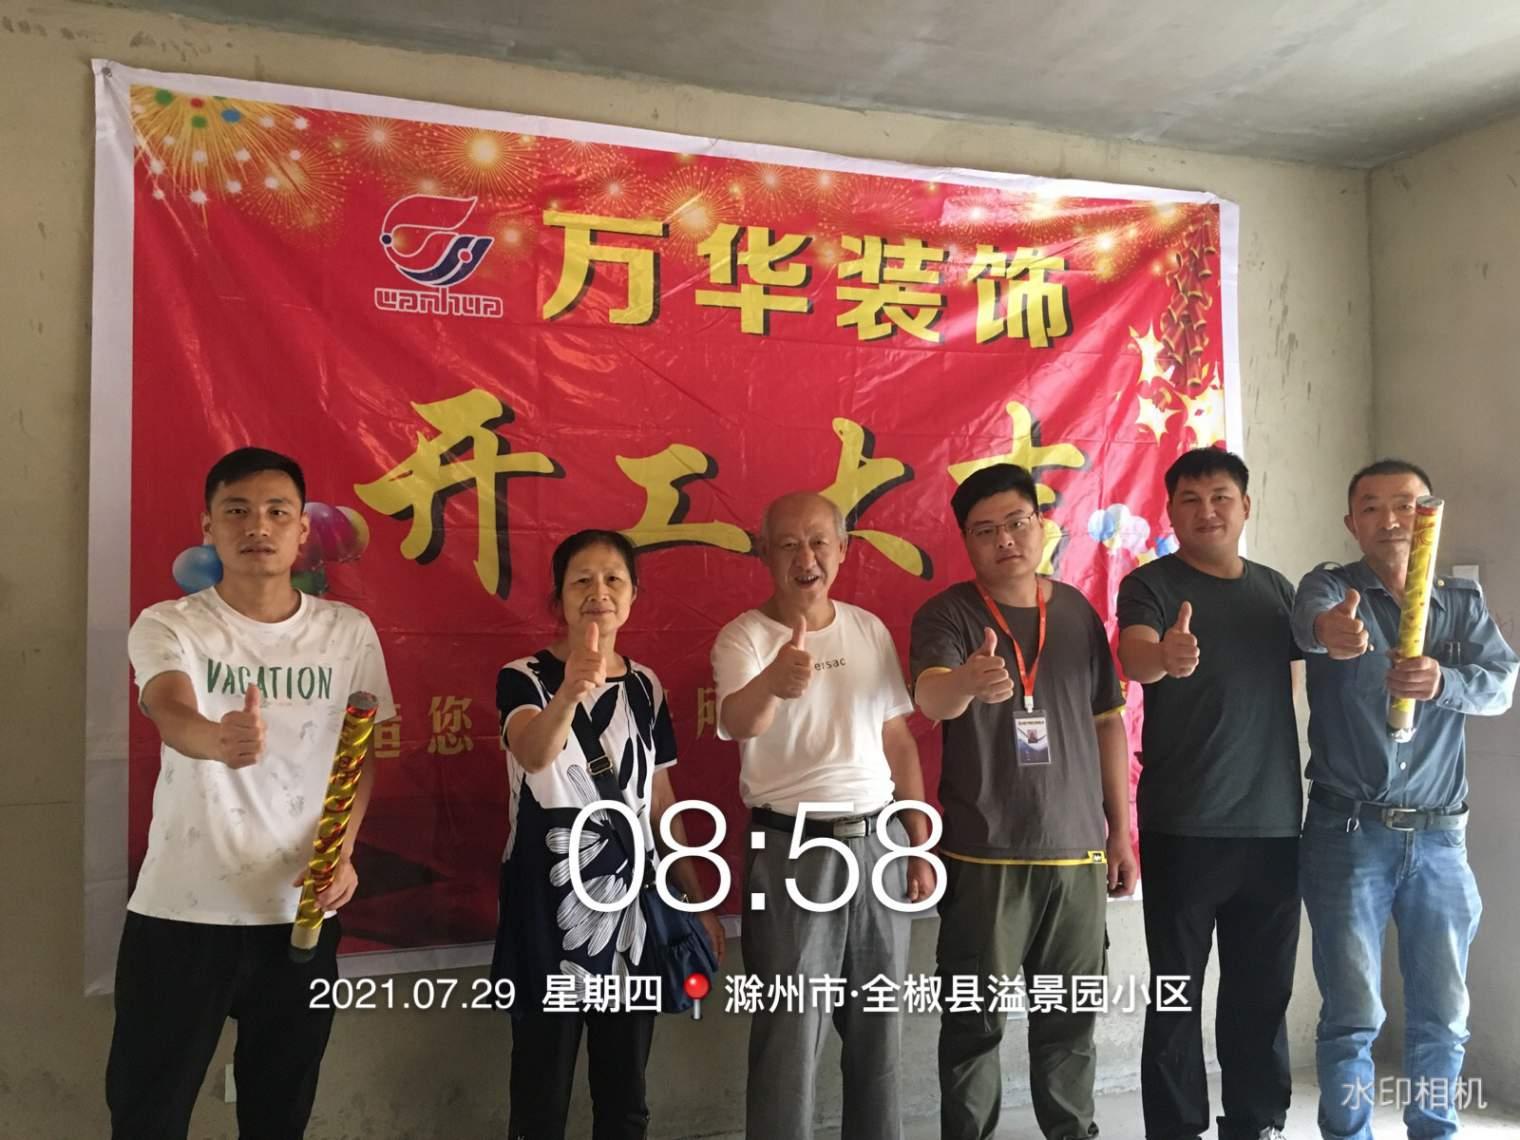 2021年7月29日锦襄茗苑业主雅居开工大吉